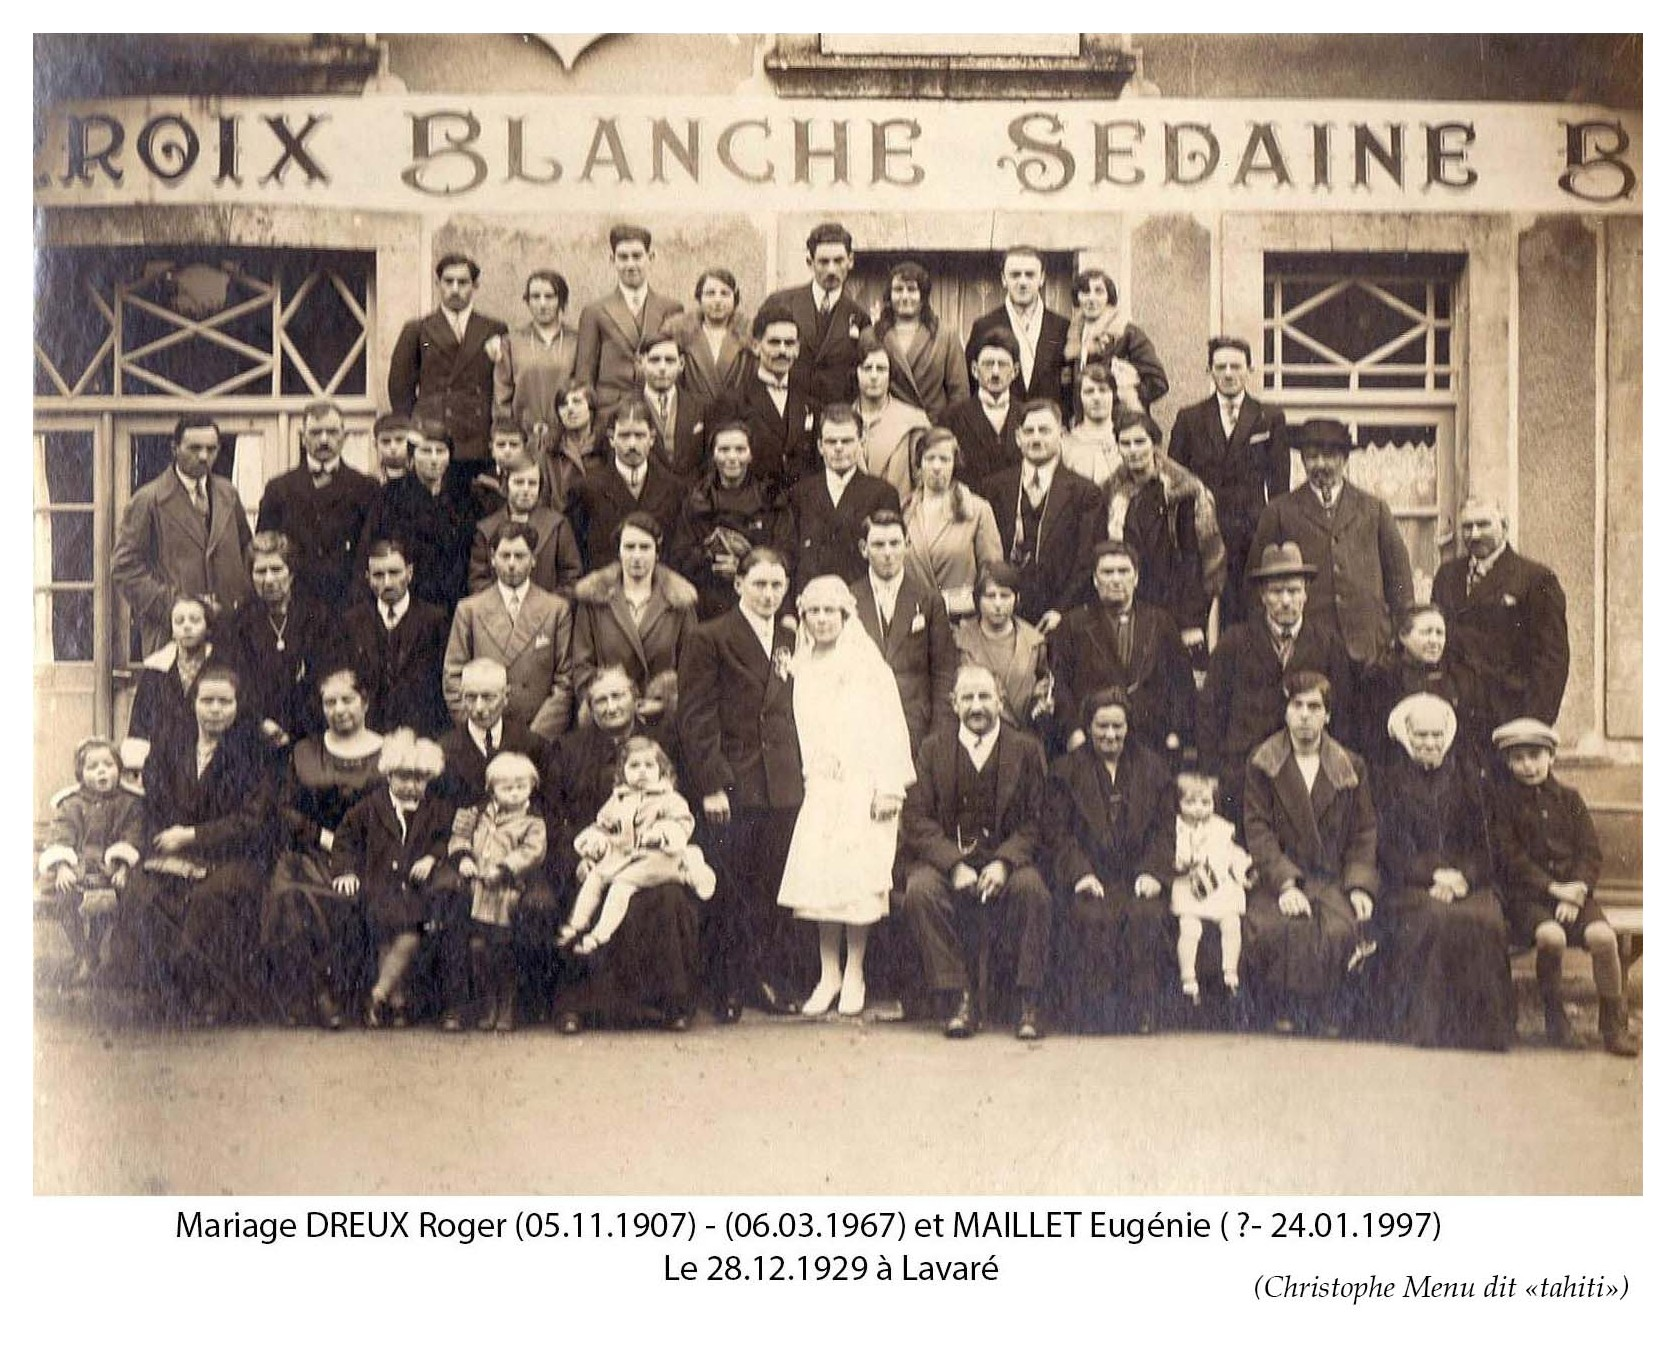 Lavaré - Mariage - DREUX Roger et MAILLET Eugénie - 28 décembre 1929 (Christophe Menu dit Tahiti)